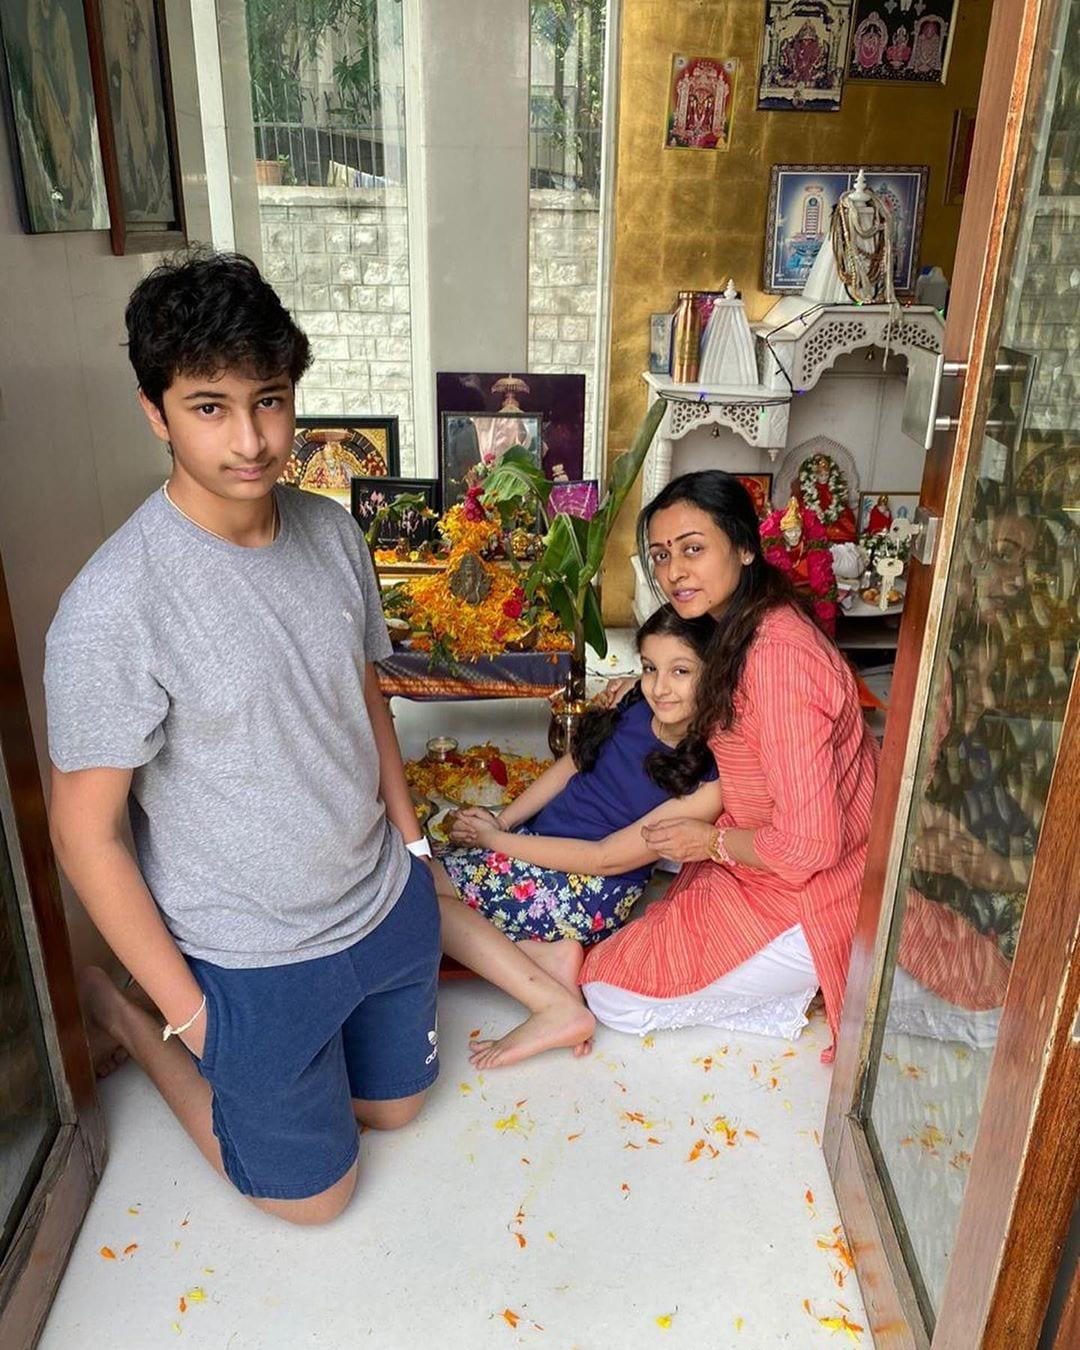 మహేష్ బాబు ఇంట్లో గణేష్ చతుర్ధి సంబరాల్లో పాల్గొన్న మహేష్ బాబు పిల్లలు గౌతమ్ కృష్ణ,సితార (Instagram/Photo)